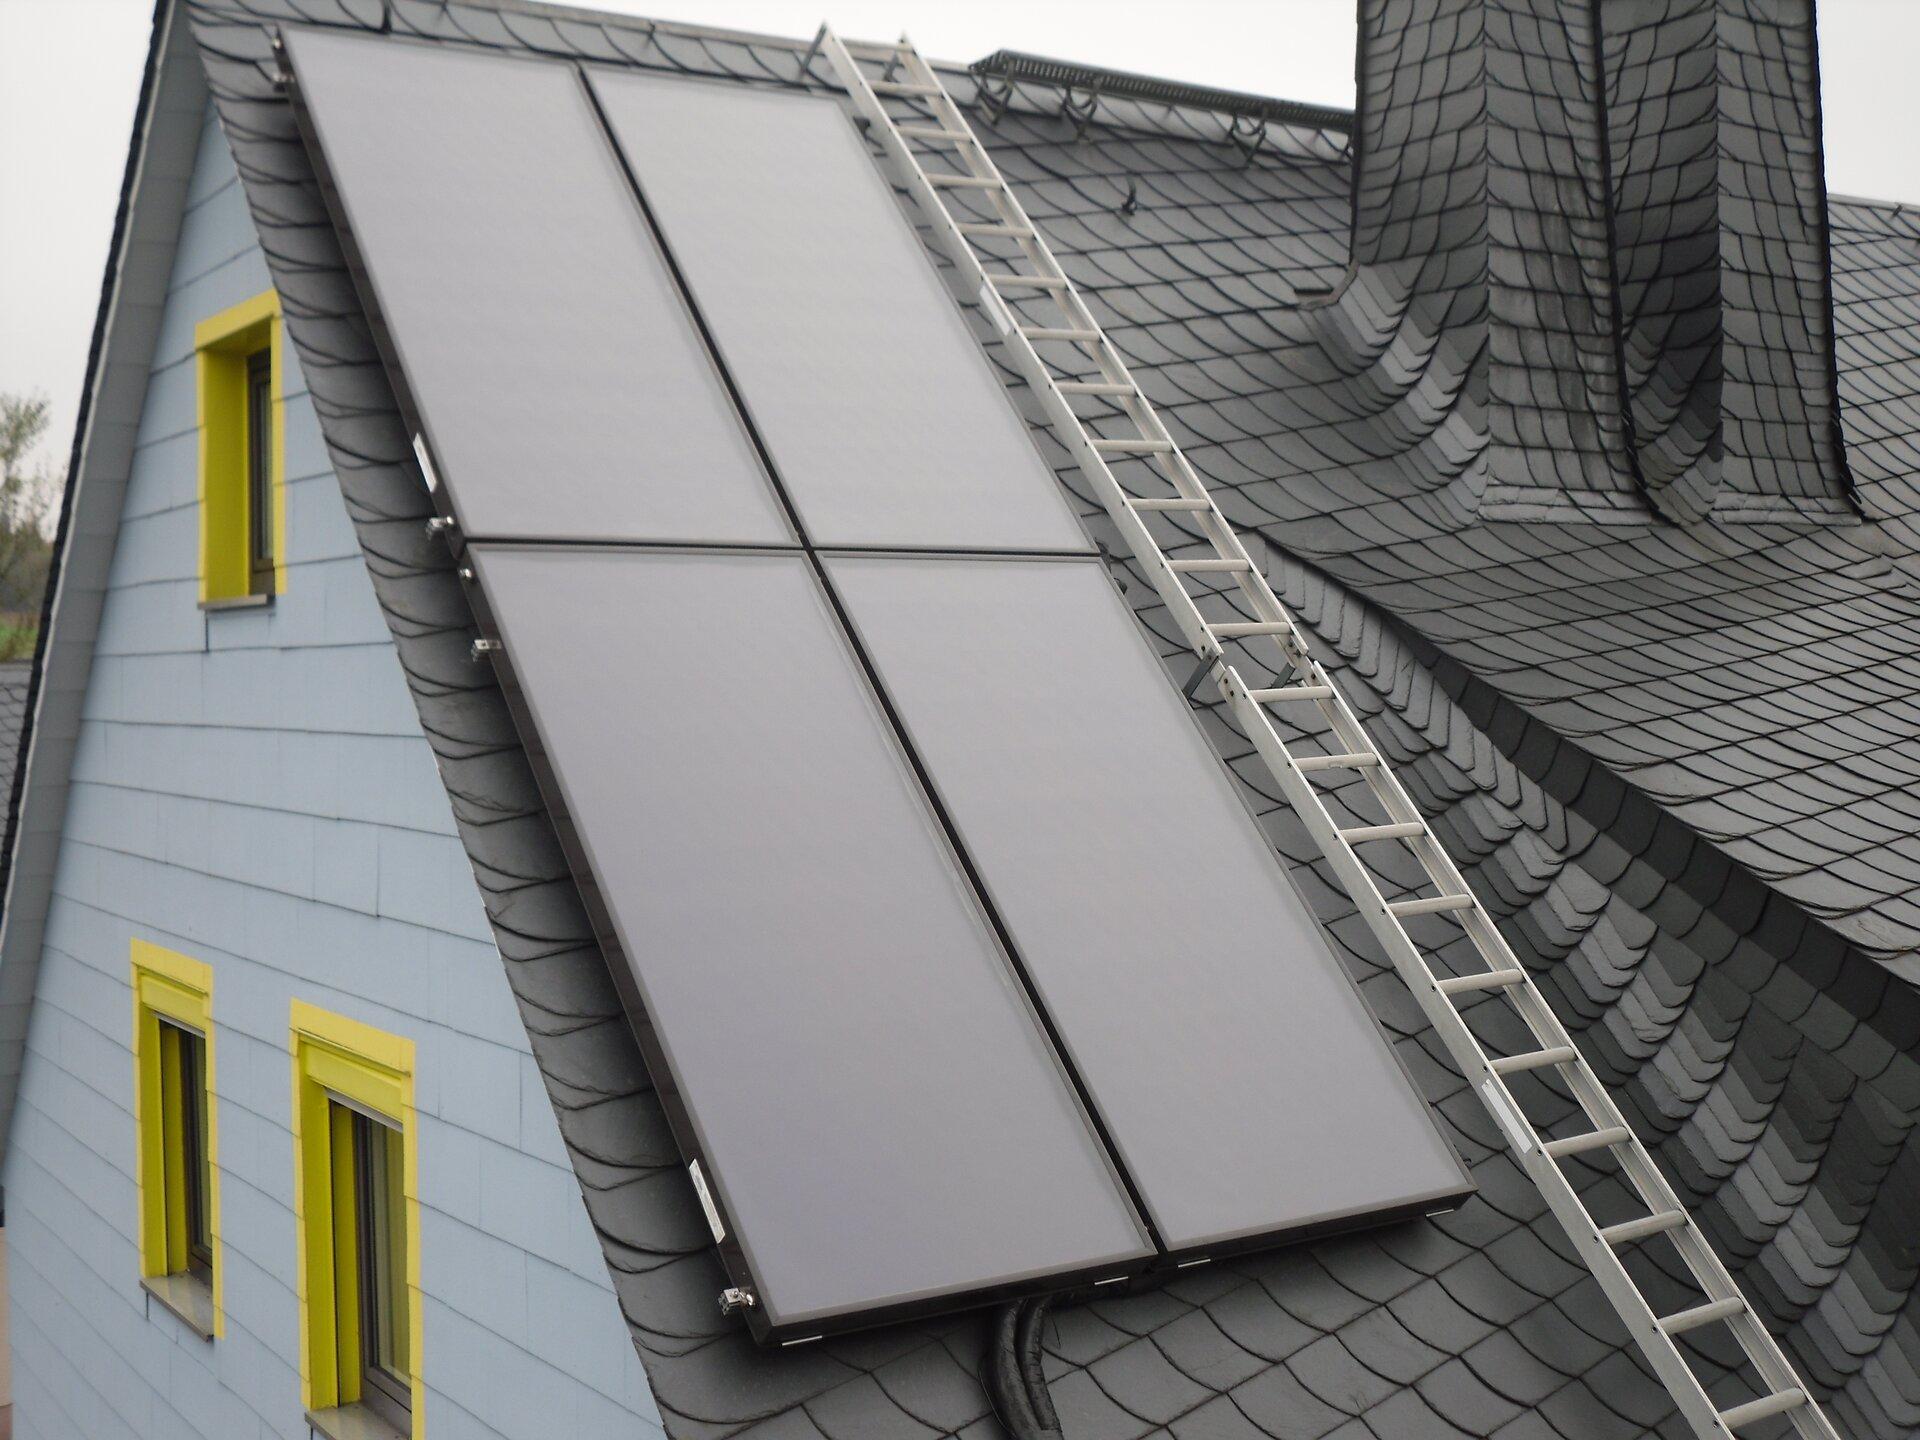 Na zdjęciu cztery płaskie kolektory słoneczne na dachu budynku. Obok kolektorów drabinka.